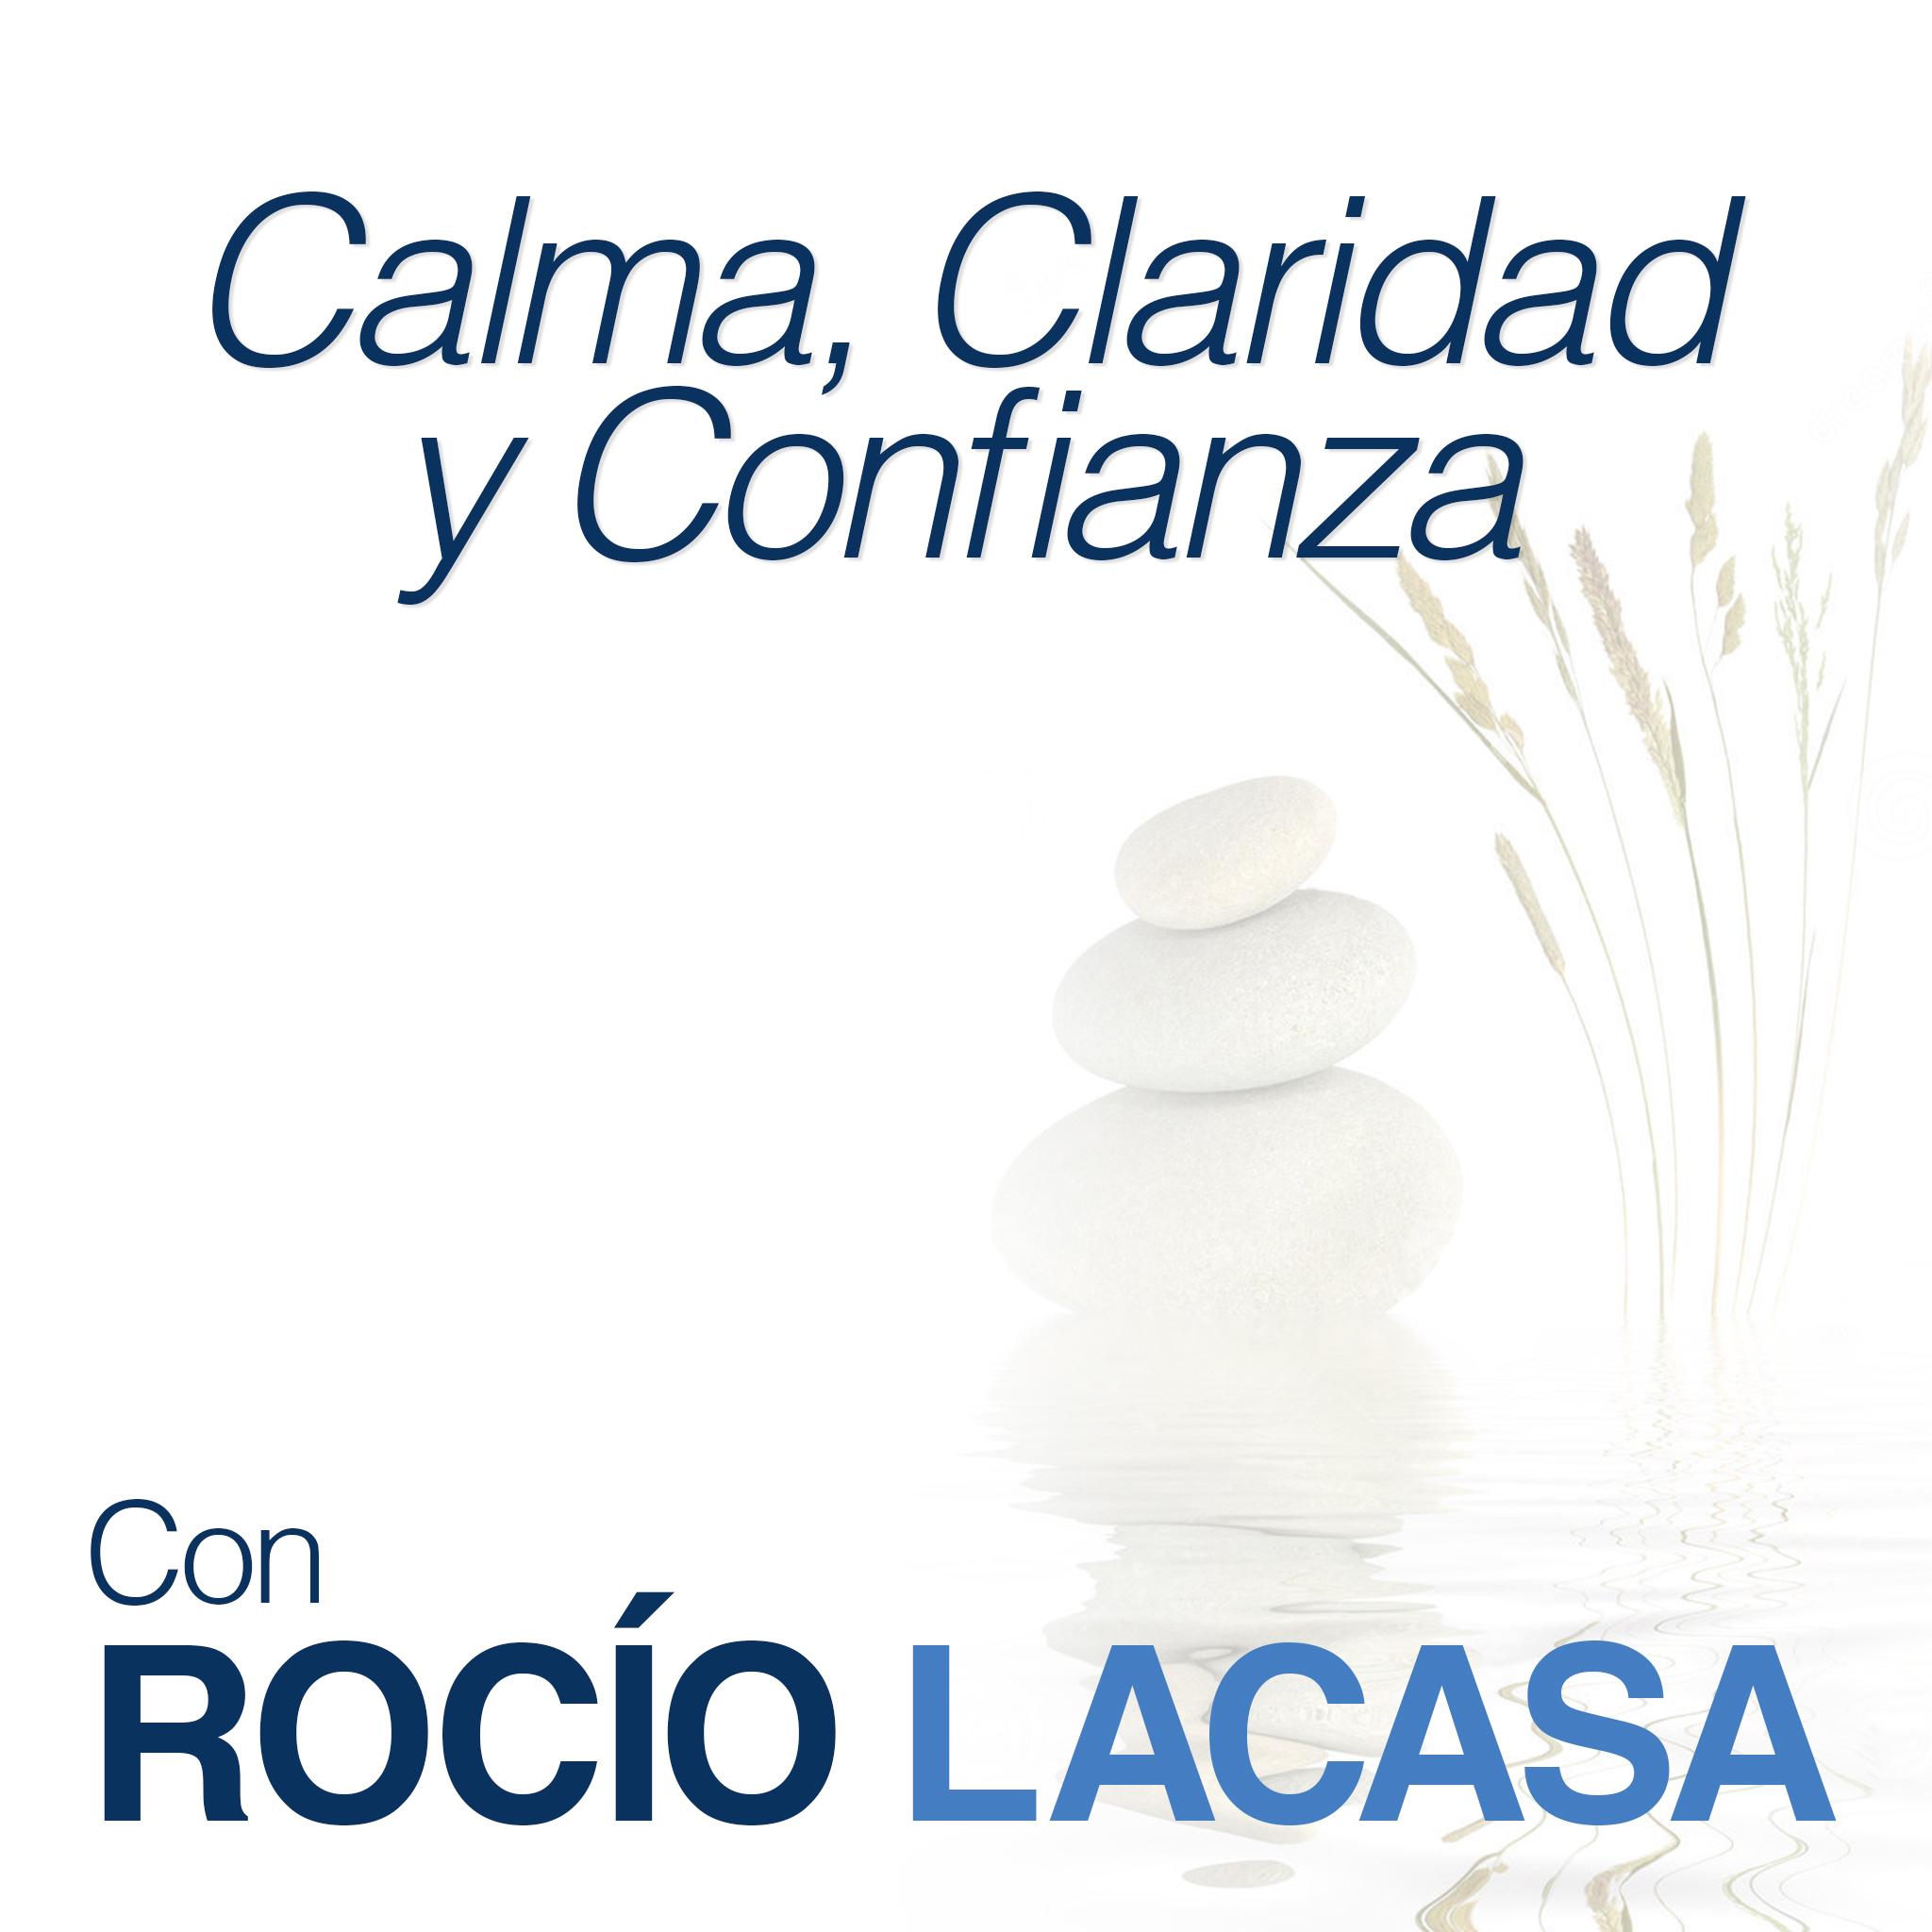 Podcast Calma, Claridad y Confianza con Rocío Lacasa